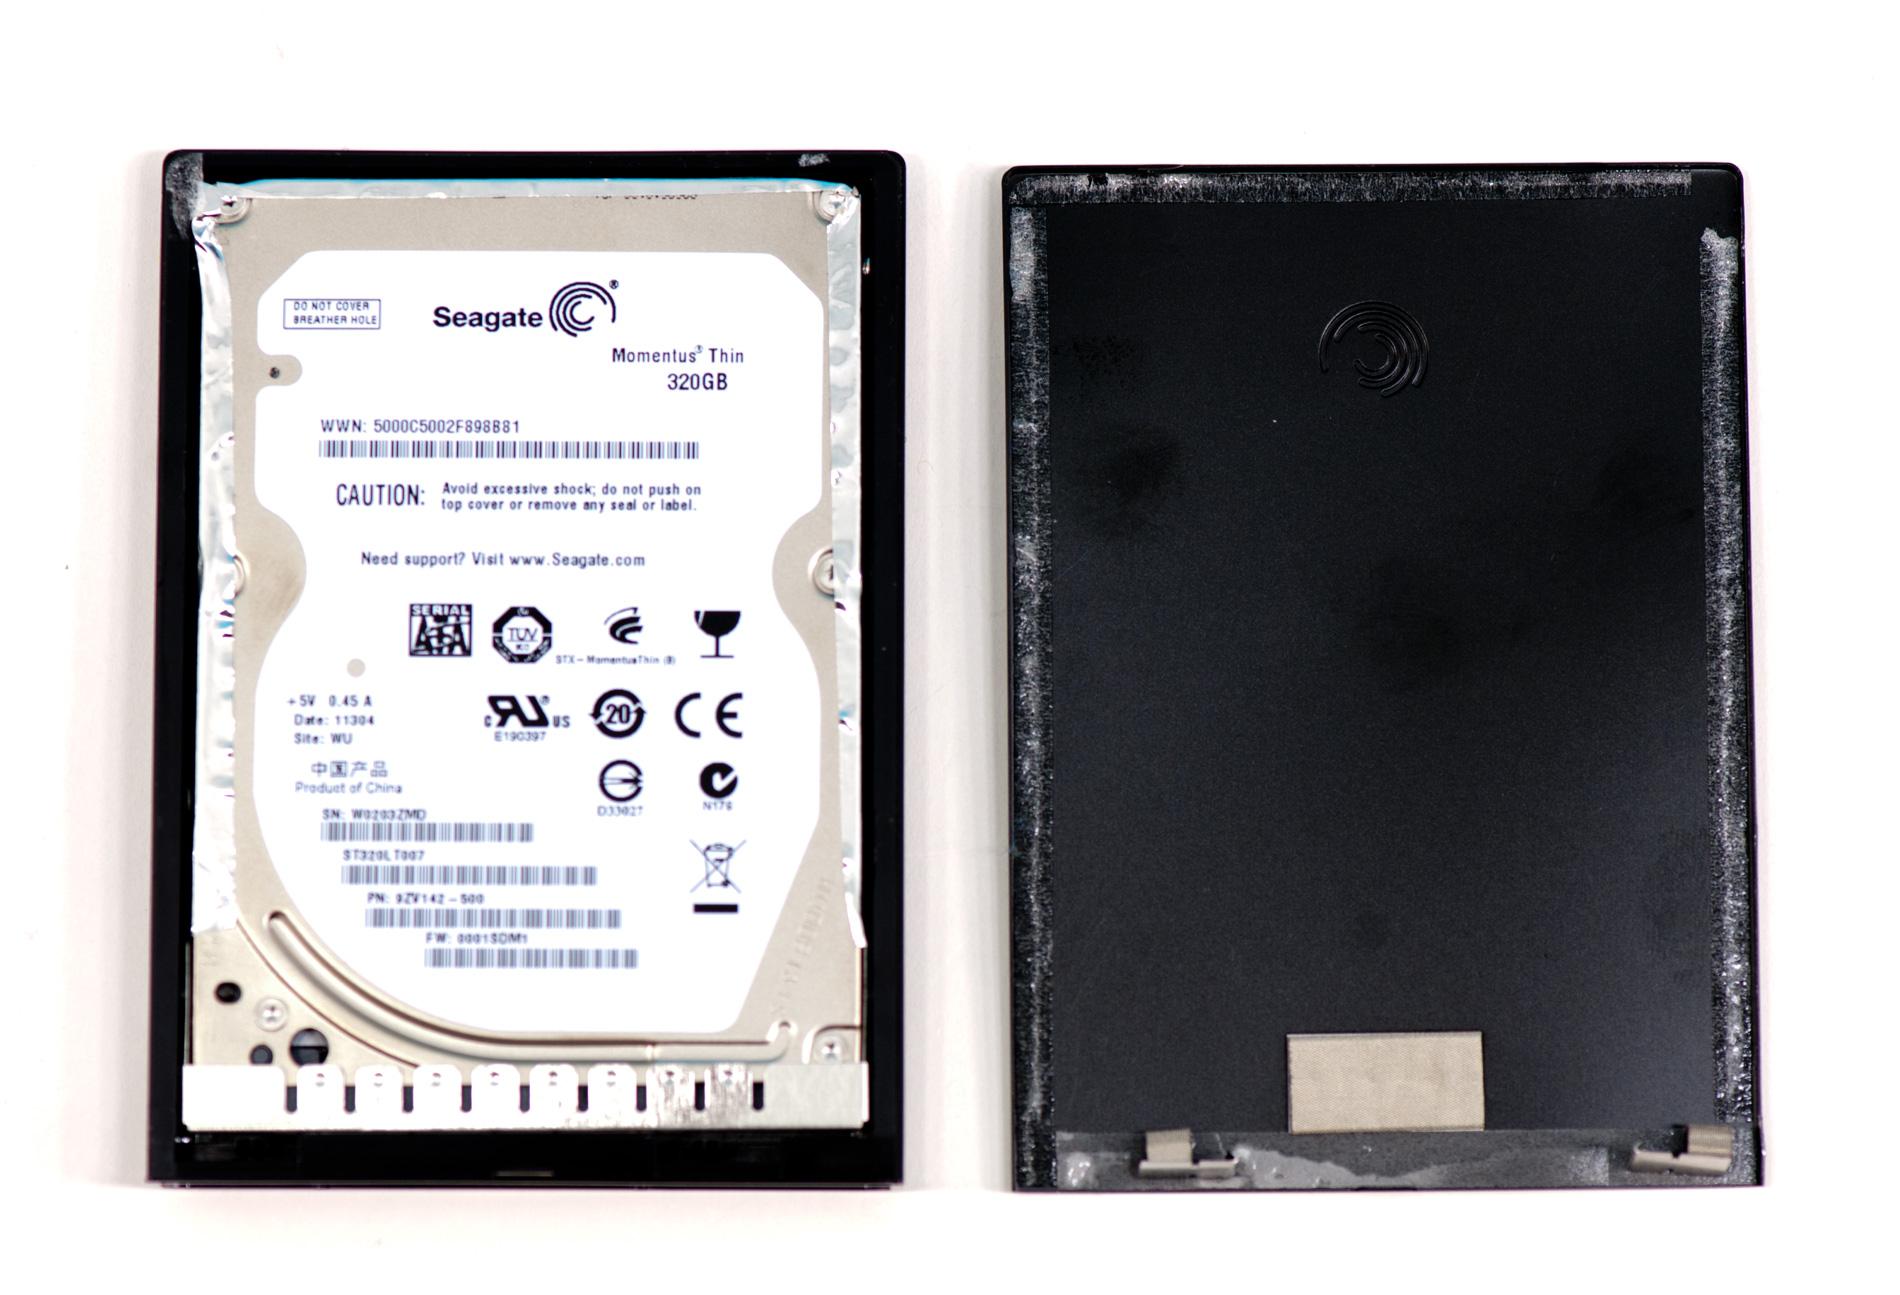 how to open seagate goflex external hard drive